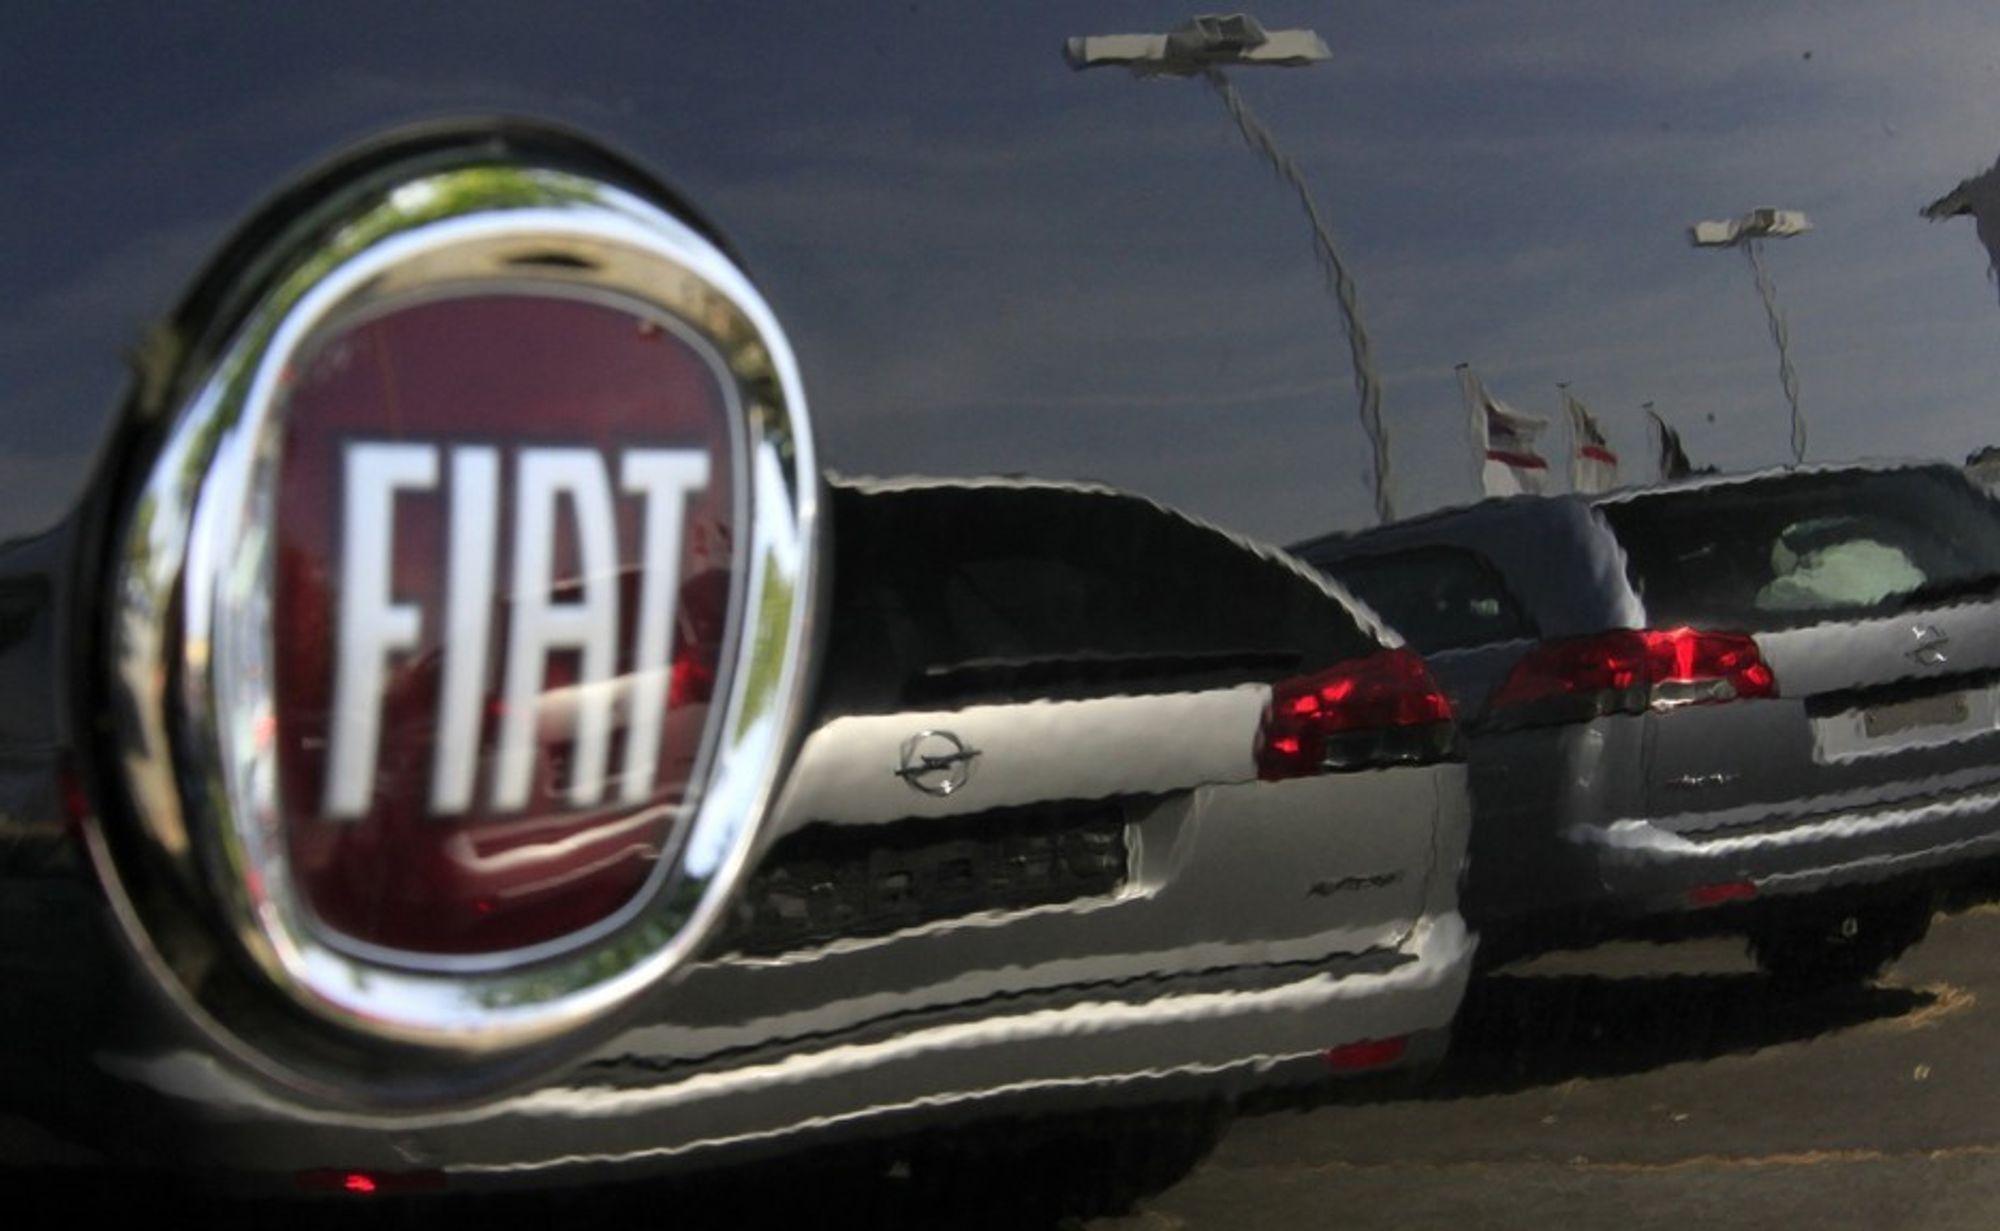 Bildelprodusentene Magna International fra Canada og RHJ International fra Belgia gir nå italienske Fiat kamp om å overta majoriteten i Opel fra General Motors.